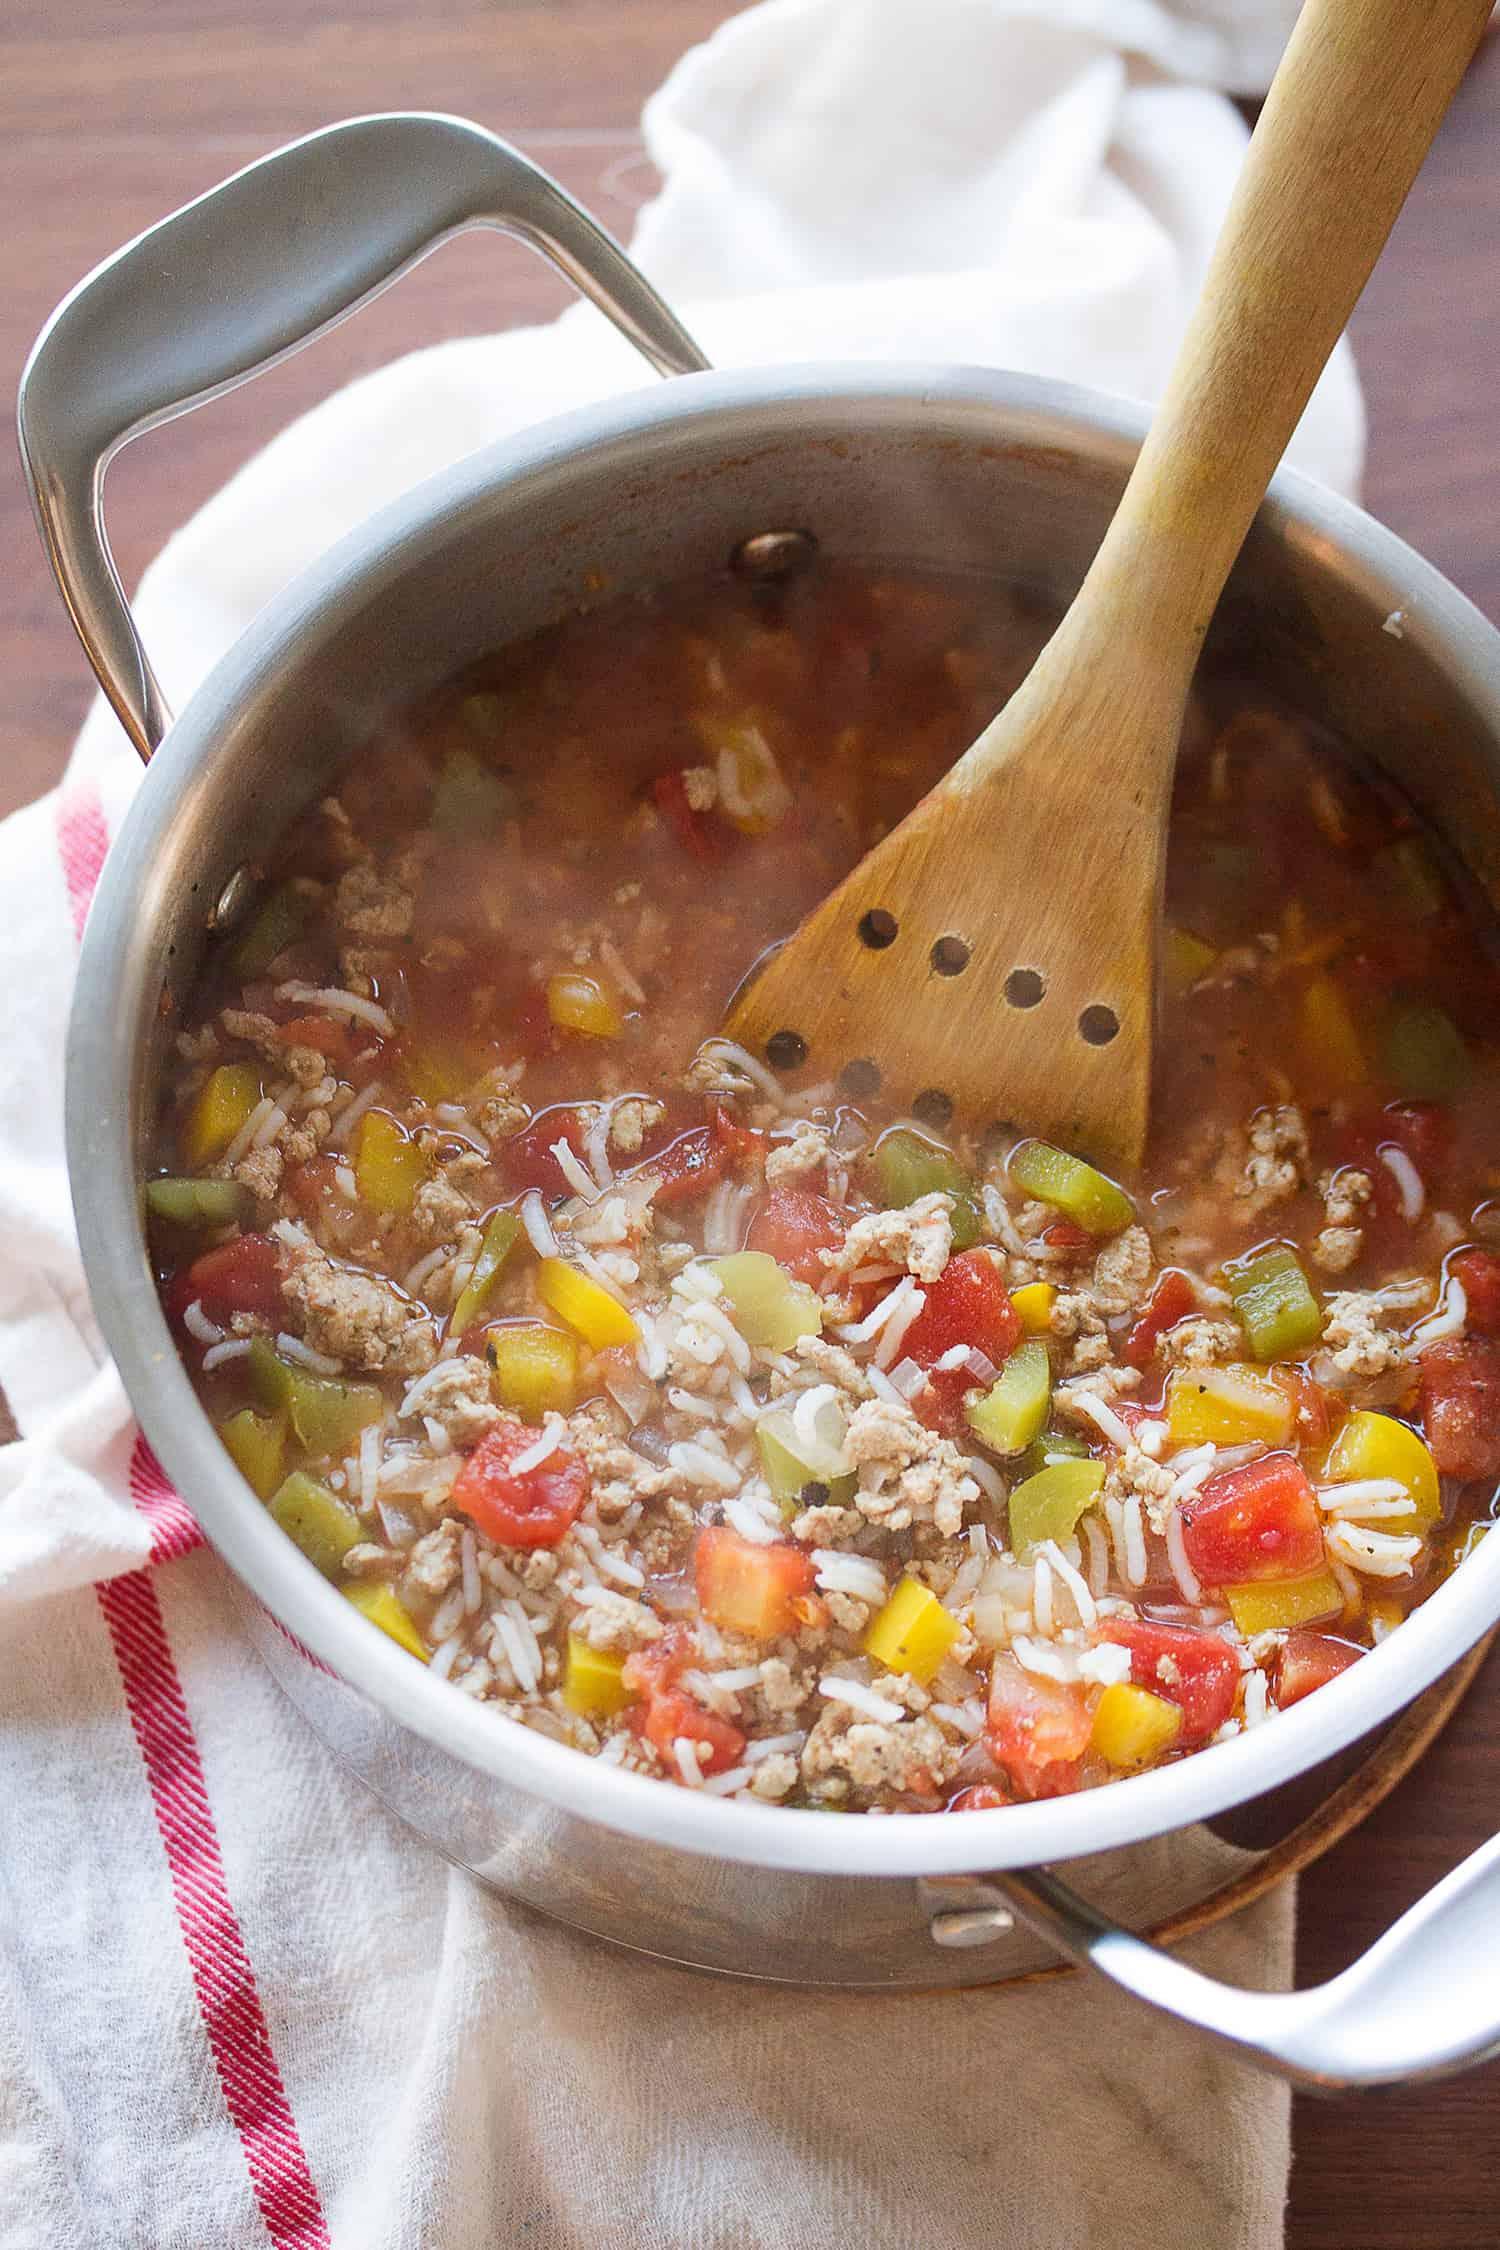 Turkey Stuffed Pepper Soup